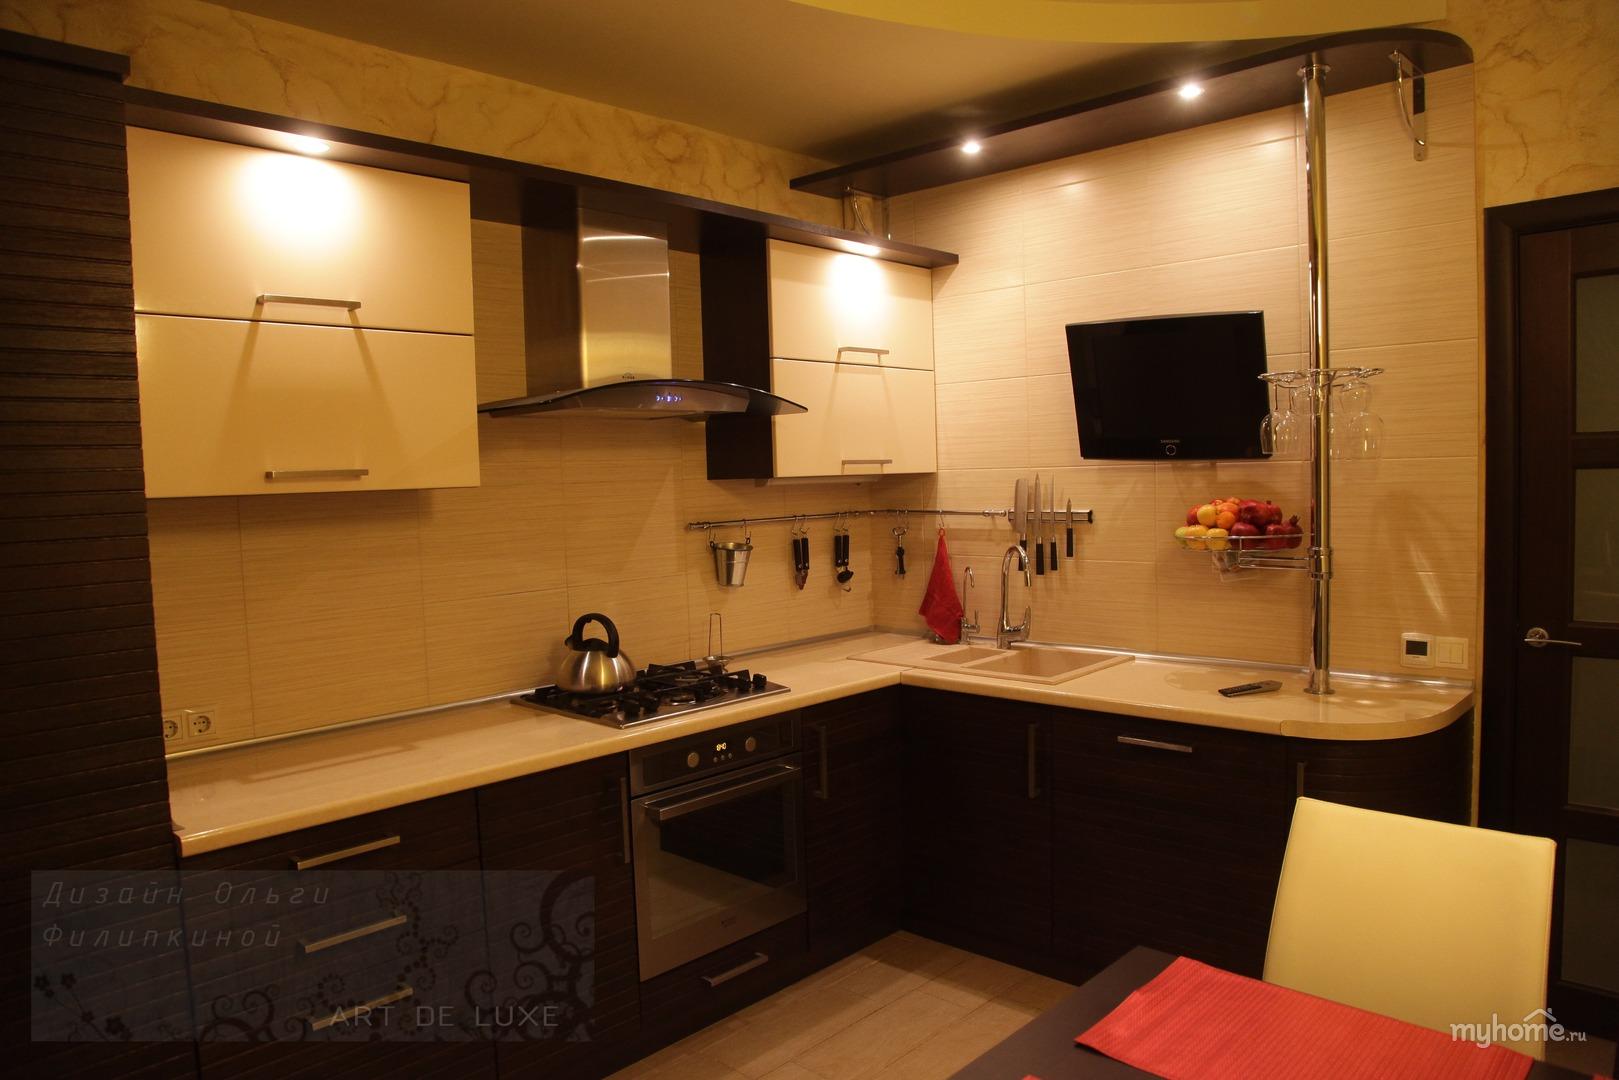 Дизайн кухни двухкомнатных квартир фото